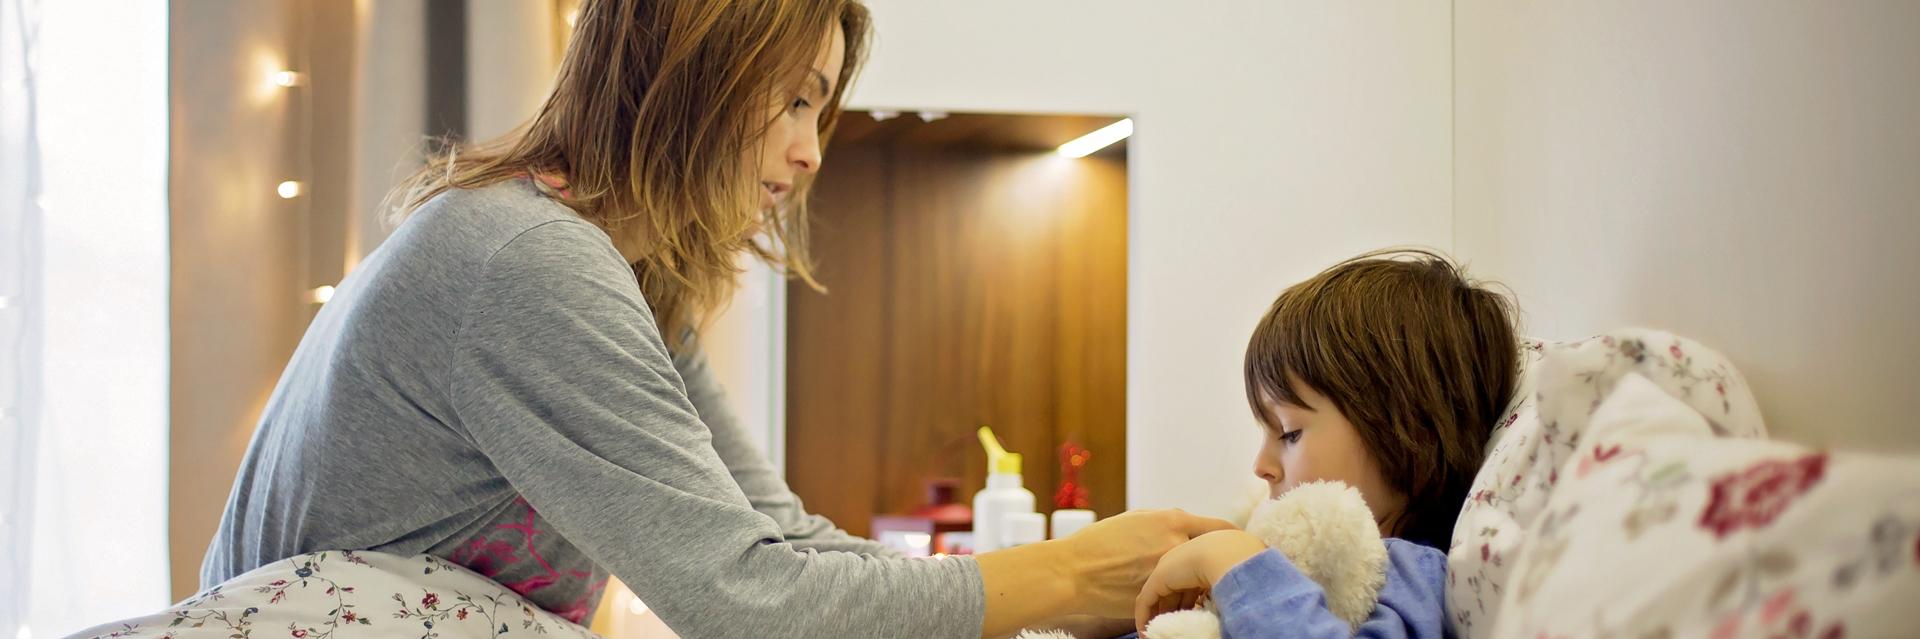 Grypa u dziecka - dowiedz się jak ją leczyć